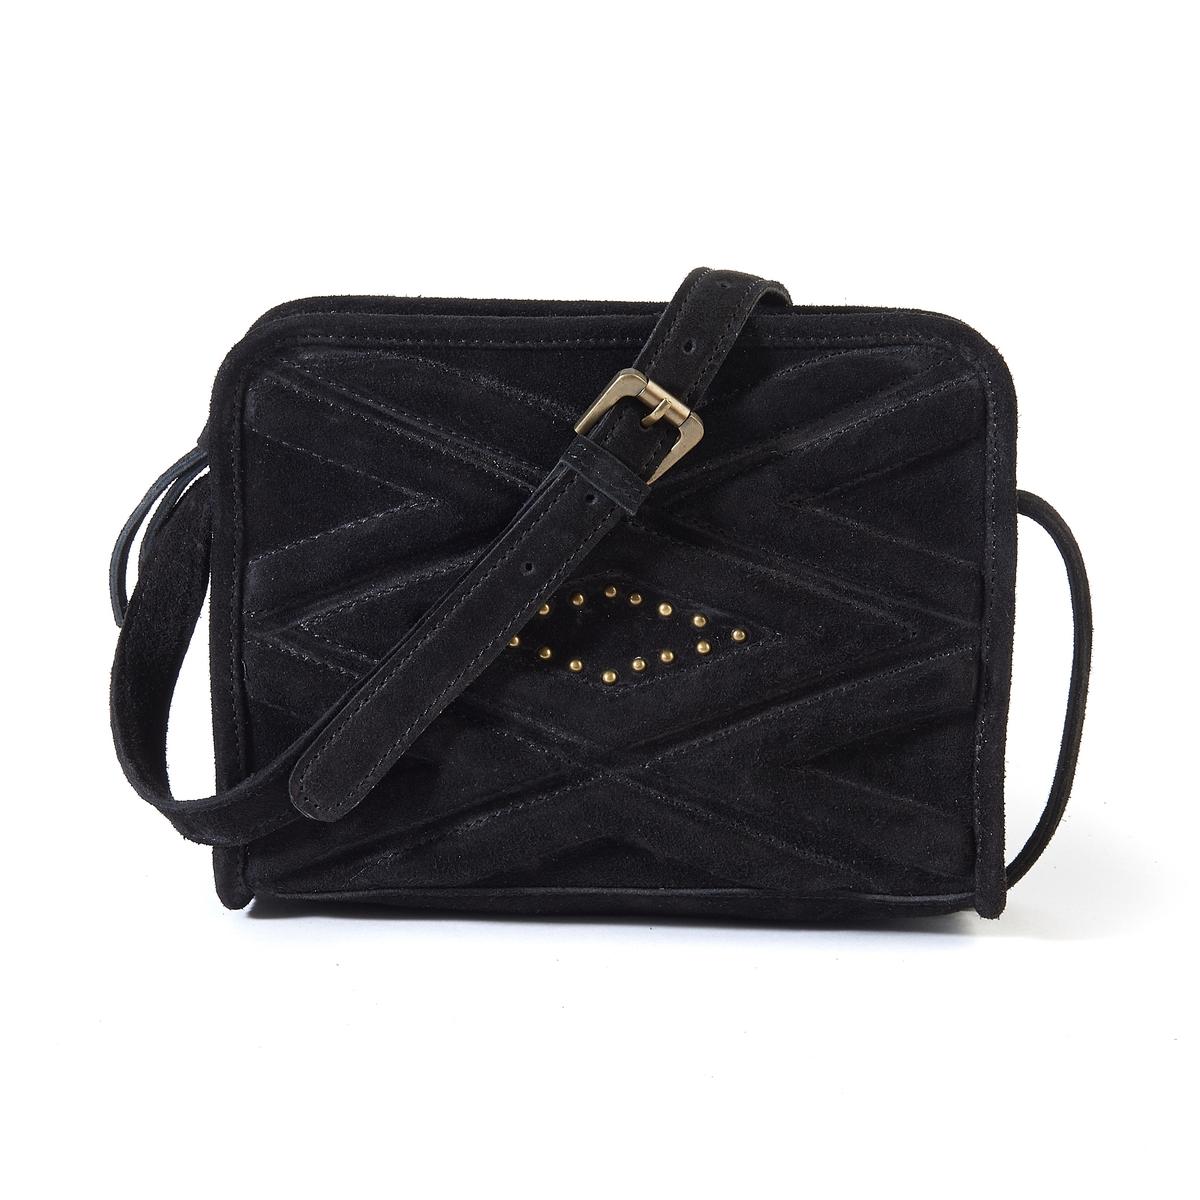 Сумка кожанаяОписание:Маленькая сумка с красивым графическим рисунком : идеально сочетается с джинсами или элегантным нарядом. Плечевой ремень в виде цепочки.Состав и описание : •  Внешний материал :  100% невыделанная яловичная кожа  •  Подкладка : 100% хлопок •  Размер :  Ш22 x В17 x Г7 см •  Застежка : молния  •  Внутренний карман : 1 карман для мобильного телефона  •  Ремешок : регулируемый, несъемный  •  Носить : на плече или в руке<br><br>Цвет: темно-бежевый,черный<br>Размер: единый размер.единый размер